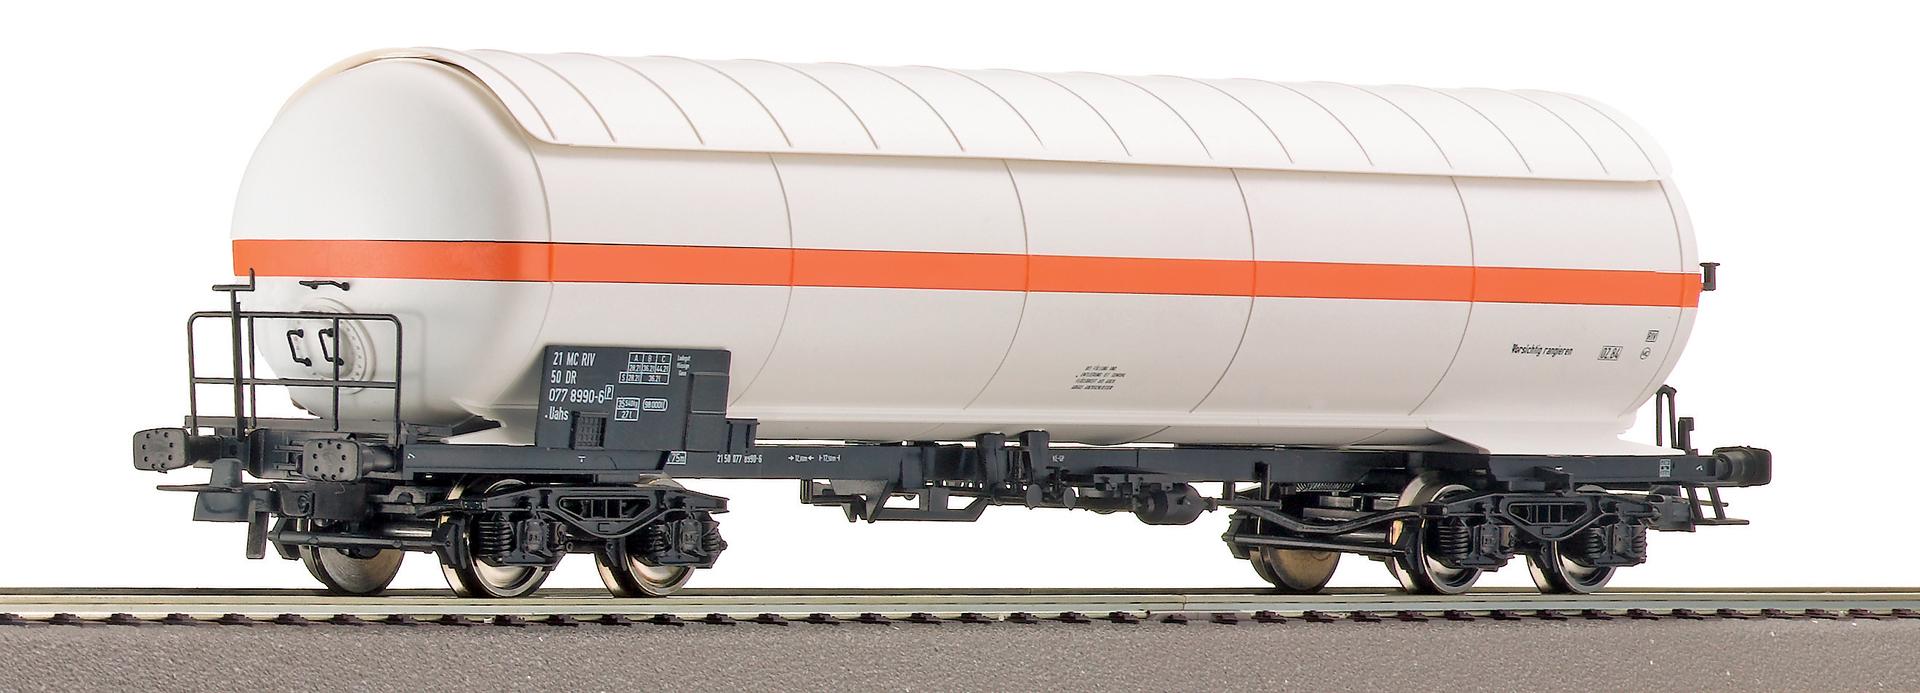 H0 Druckgaskesselwagen der DR, Ep.IV